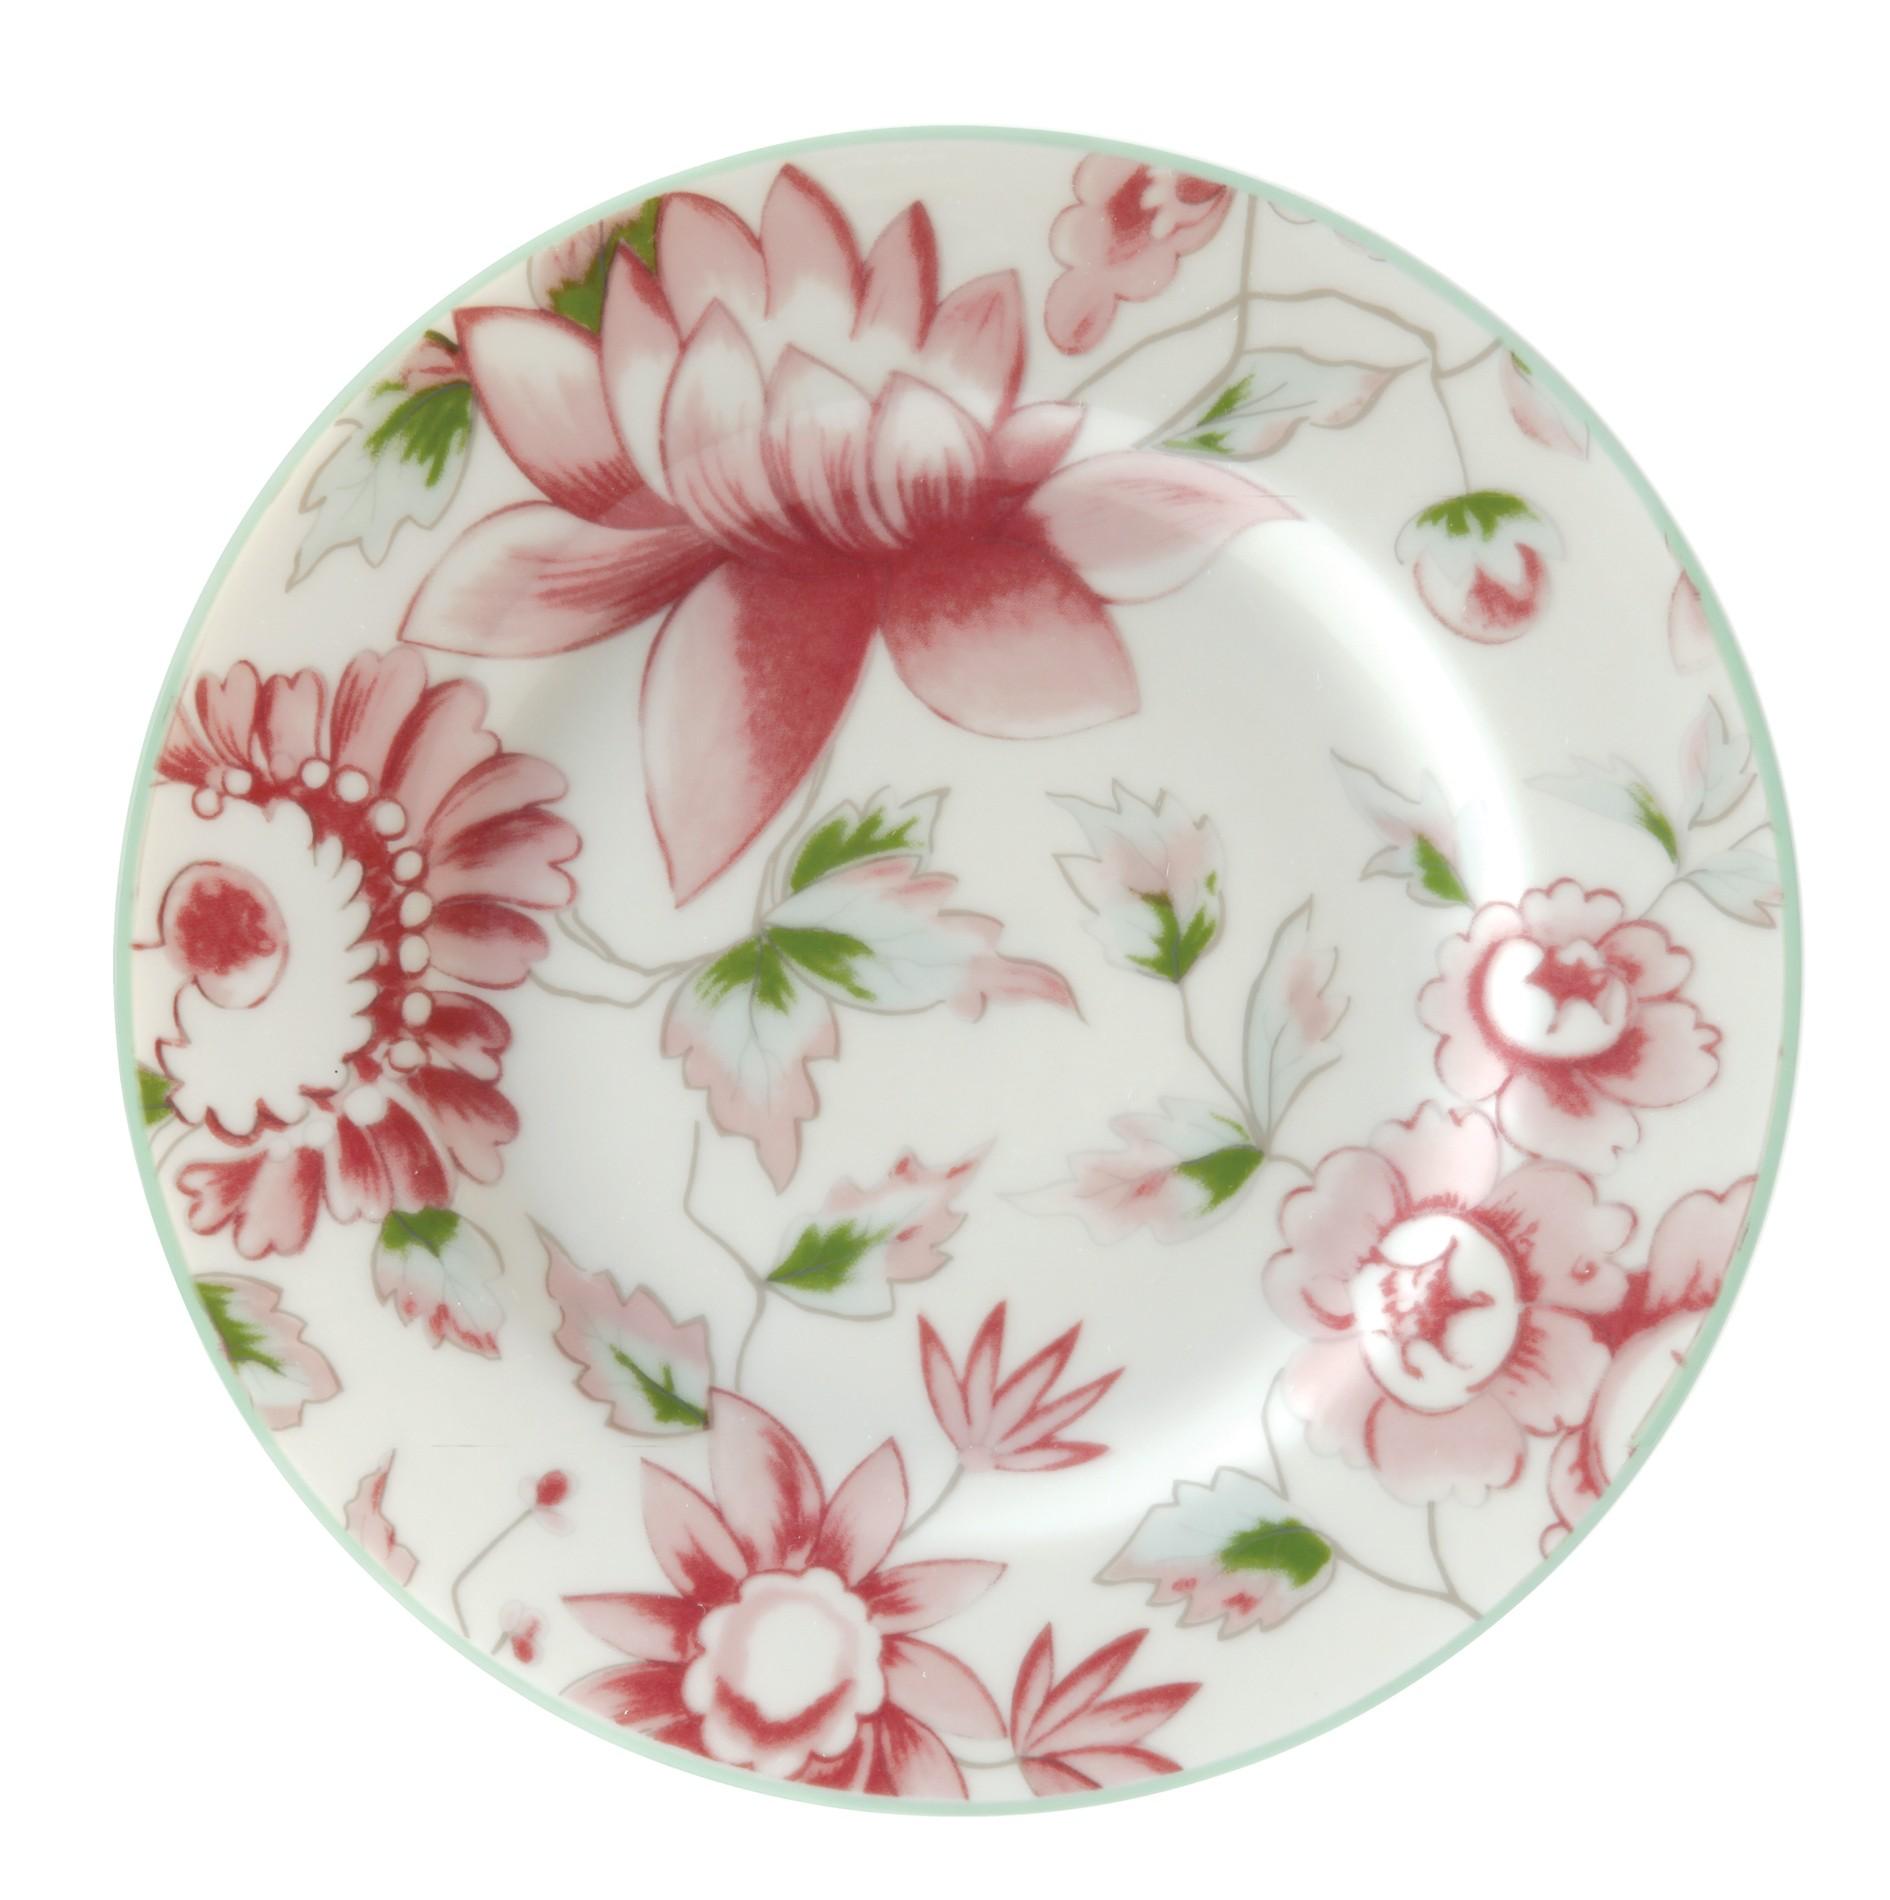 Πιάτο Φρούτου Σετ 6Τμχ Provence 21cm Ionia home   ειδη σερβιρισματος   πιάτα